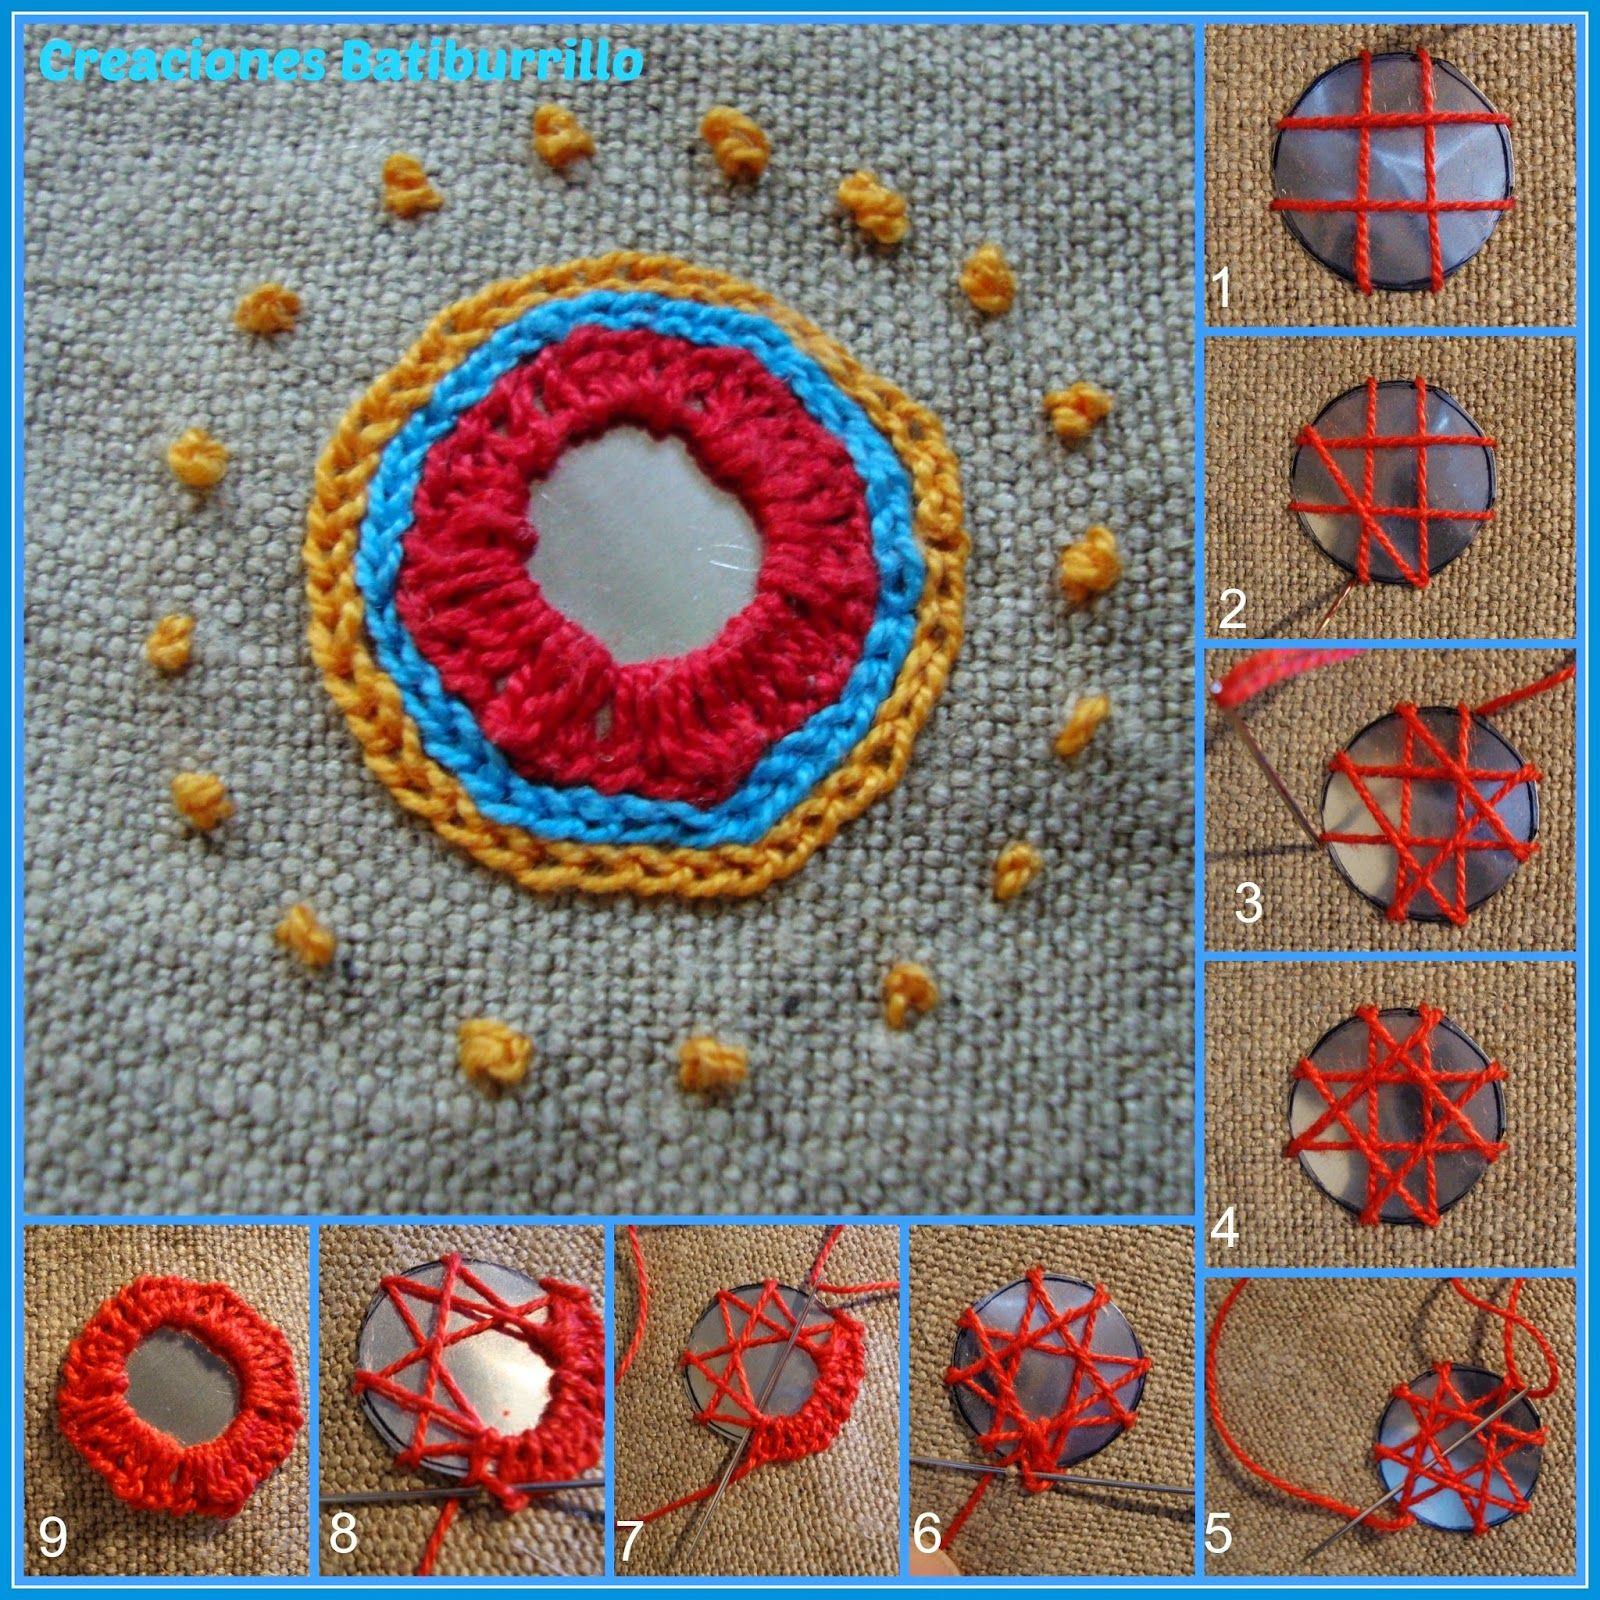 http://creacionesbatiburrillo.blogspot.com.es/2014/05/bordado-indio-con-espejos-shisha-dando.html